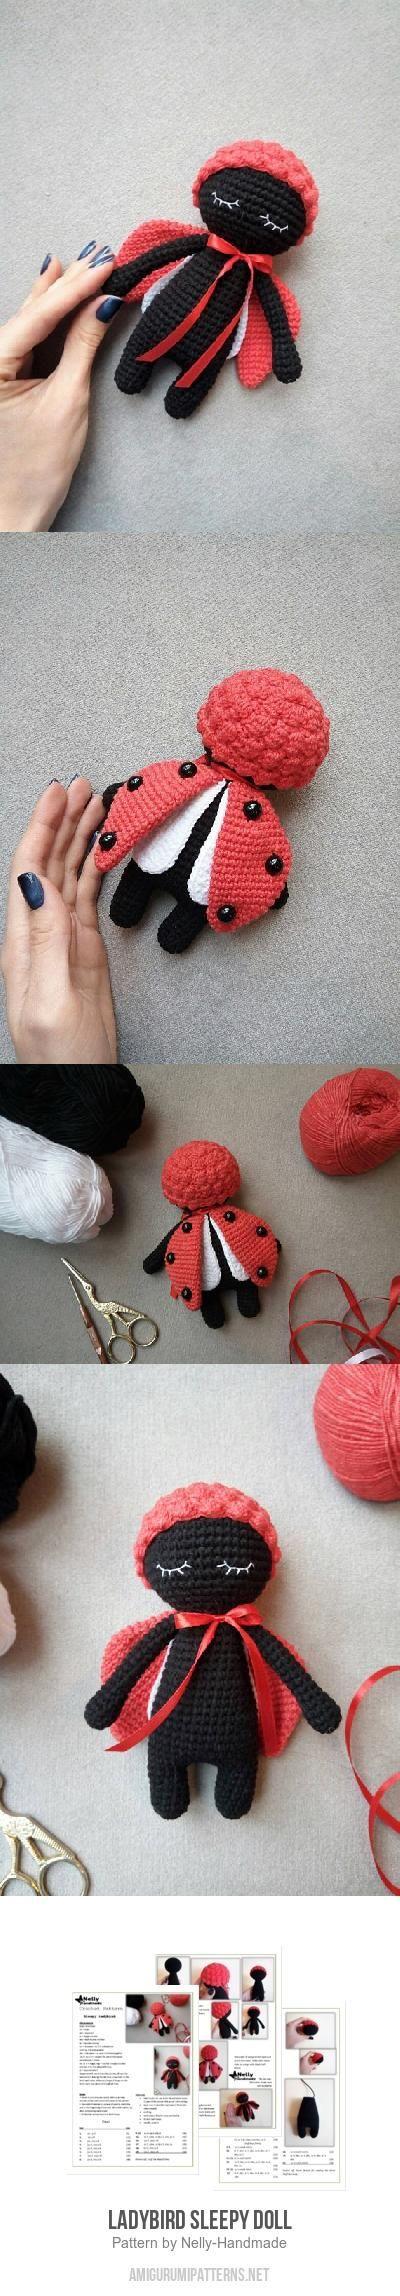 Ladybird Sleepy Doll amigurumi pattern